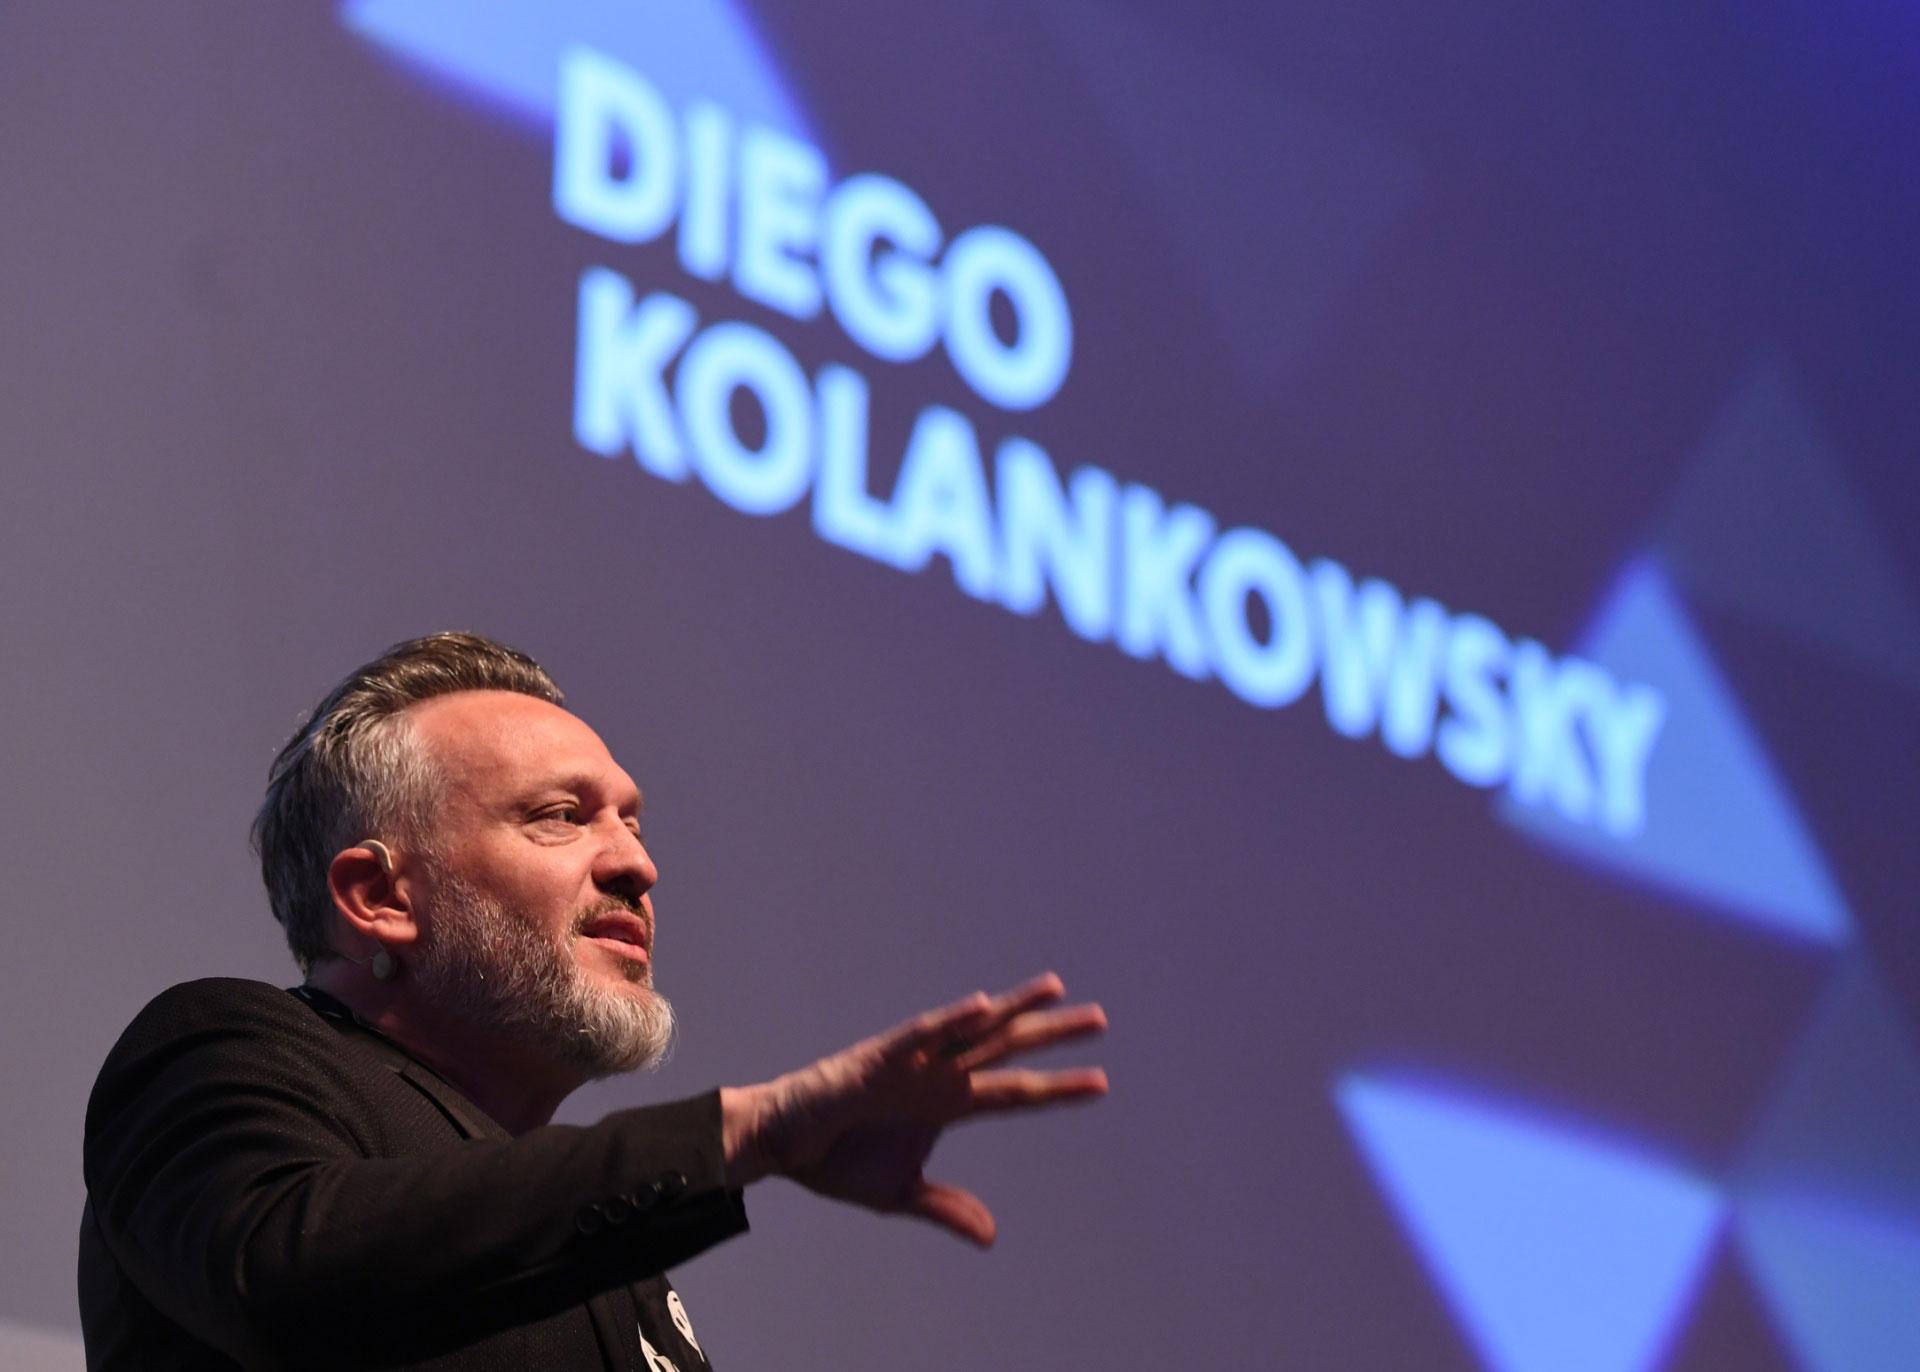 """De Broadway al Faena Arts Center: la historia de vida de Kolancowsky resulta inspiracional """"De todas las cosas que me pasaron, no sé cuantas fueron por talentoso o por estar atento"""""""